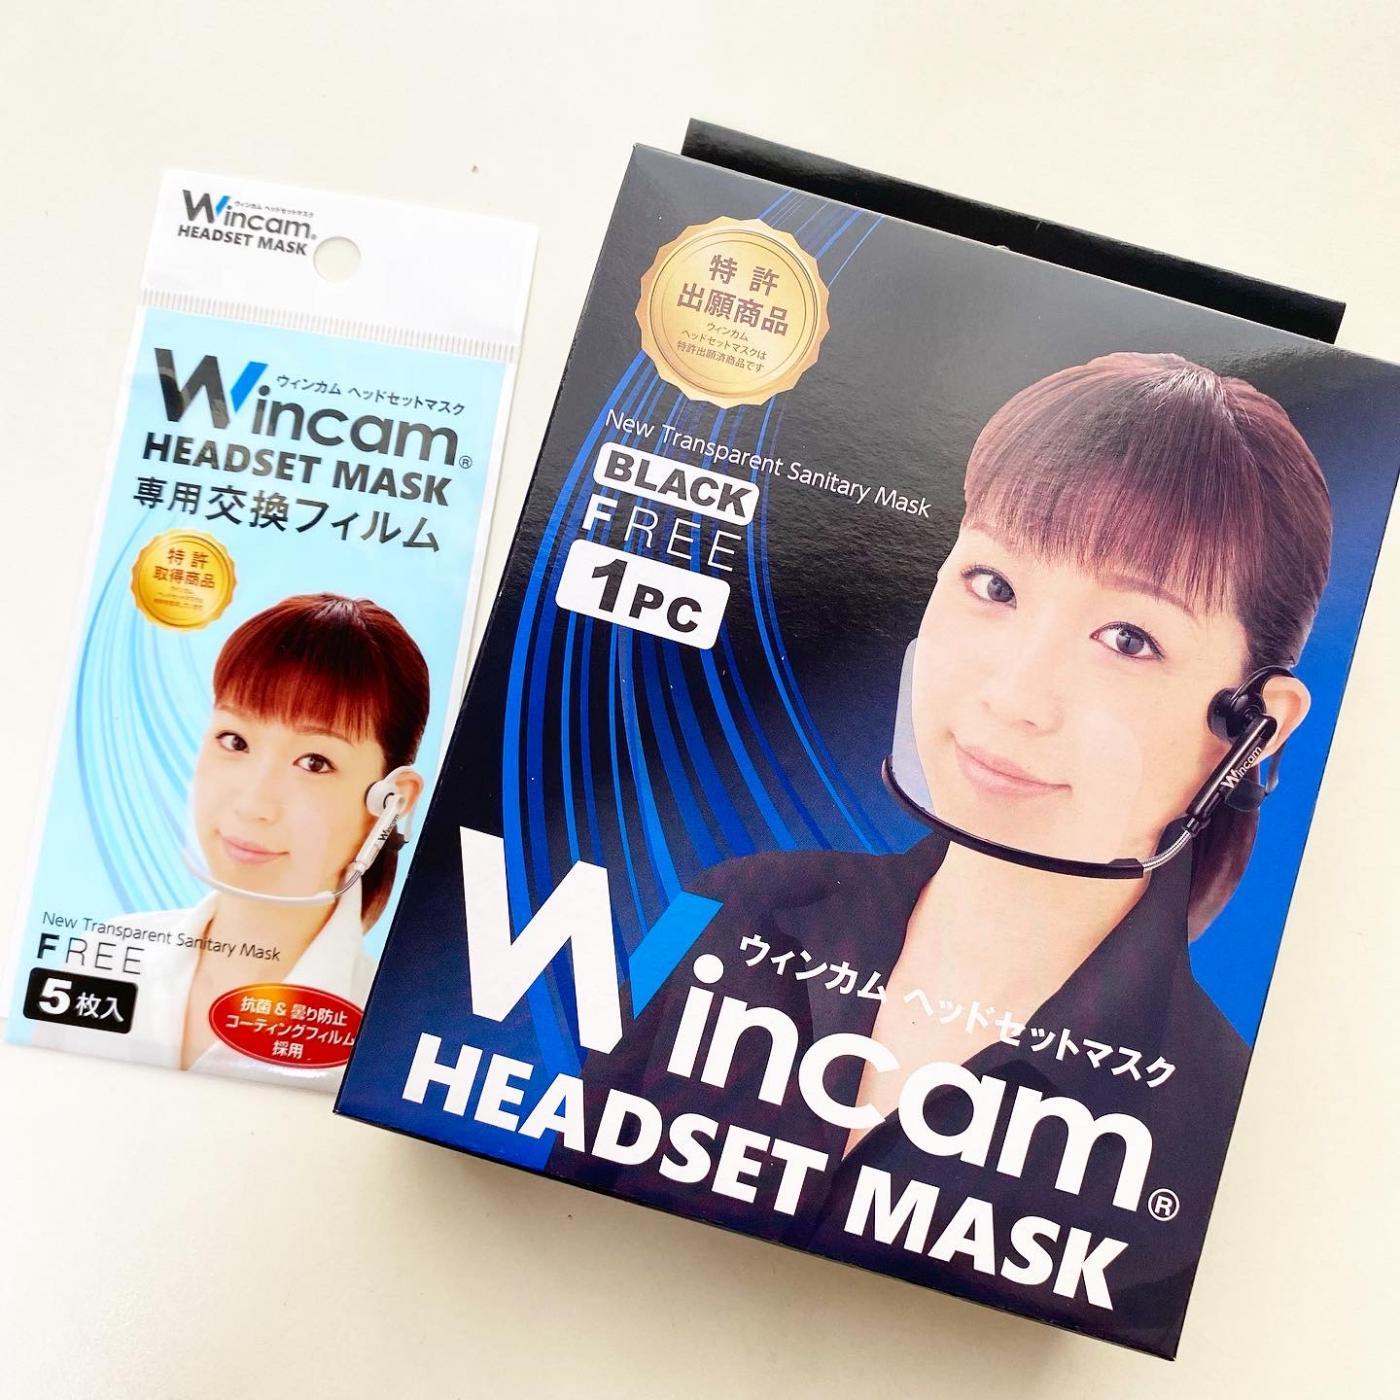 接客業の方にお勧めしたい、ウィンカムヘッドセットマスク